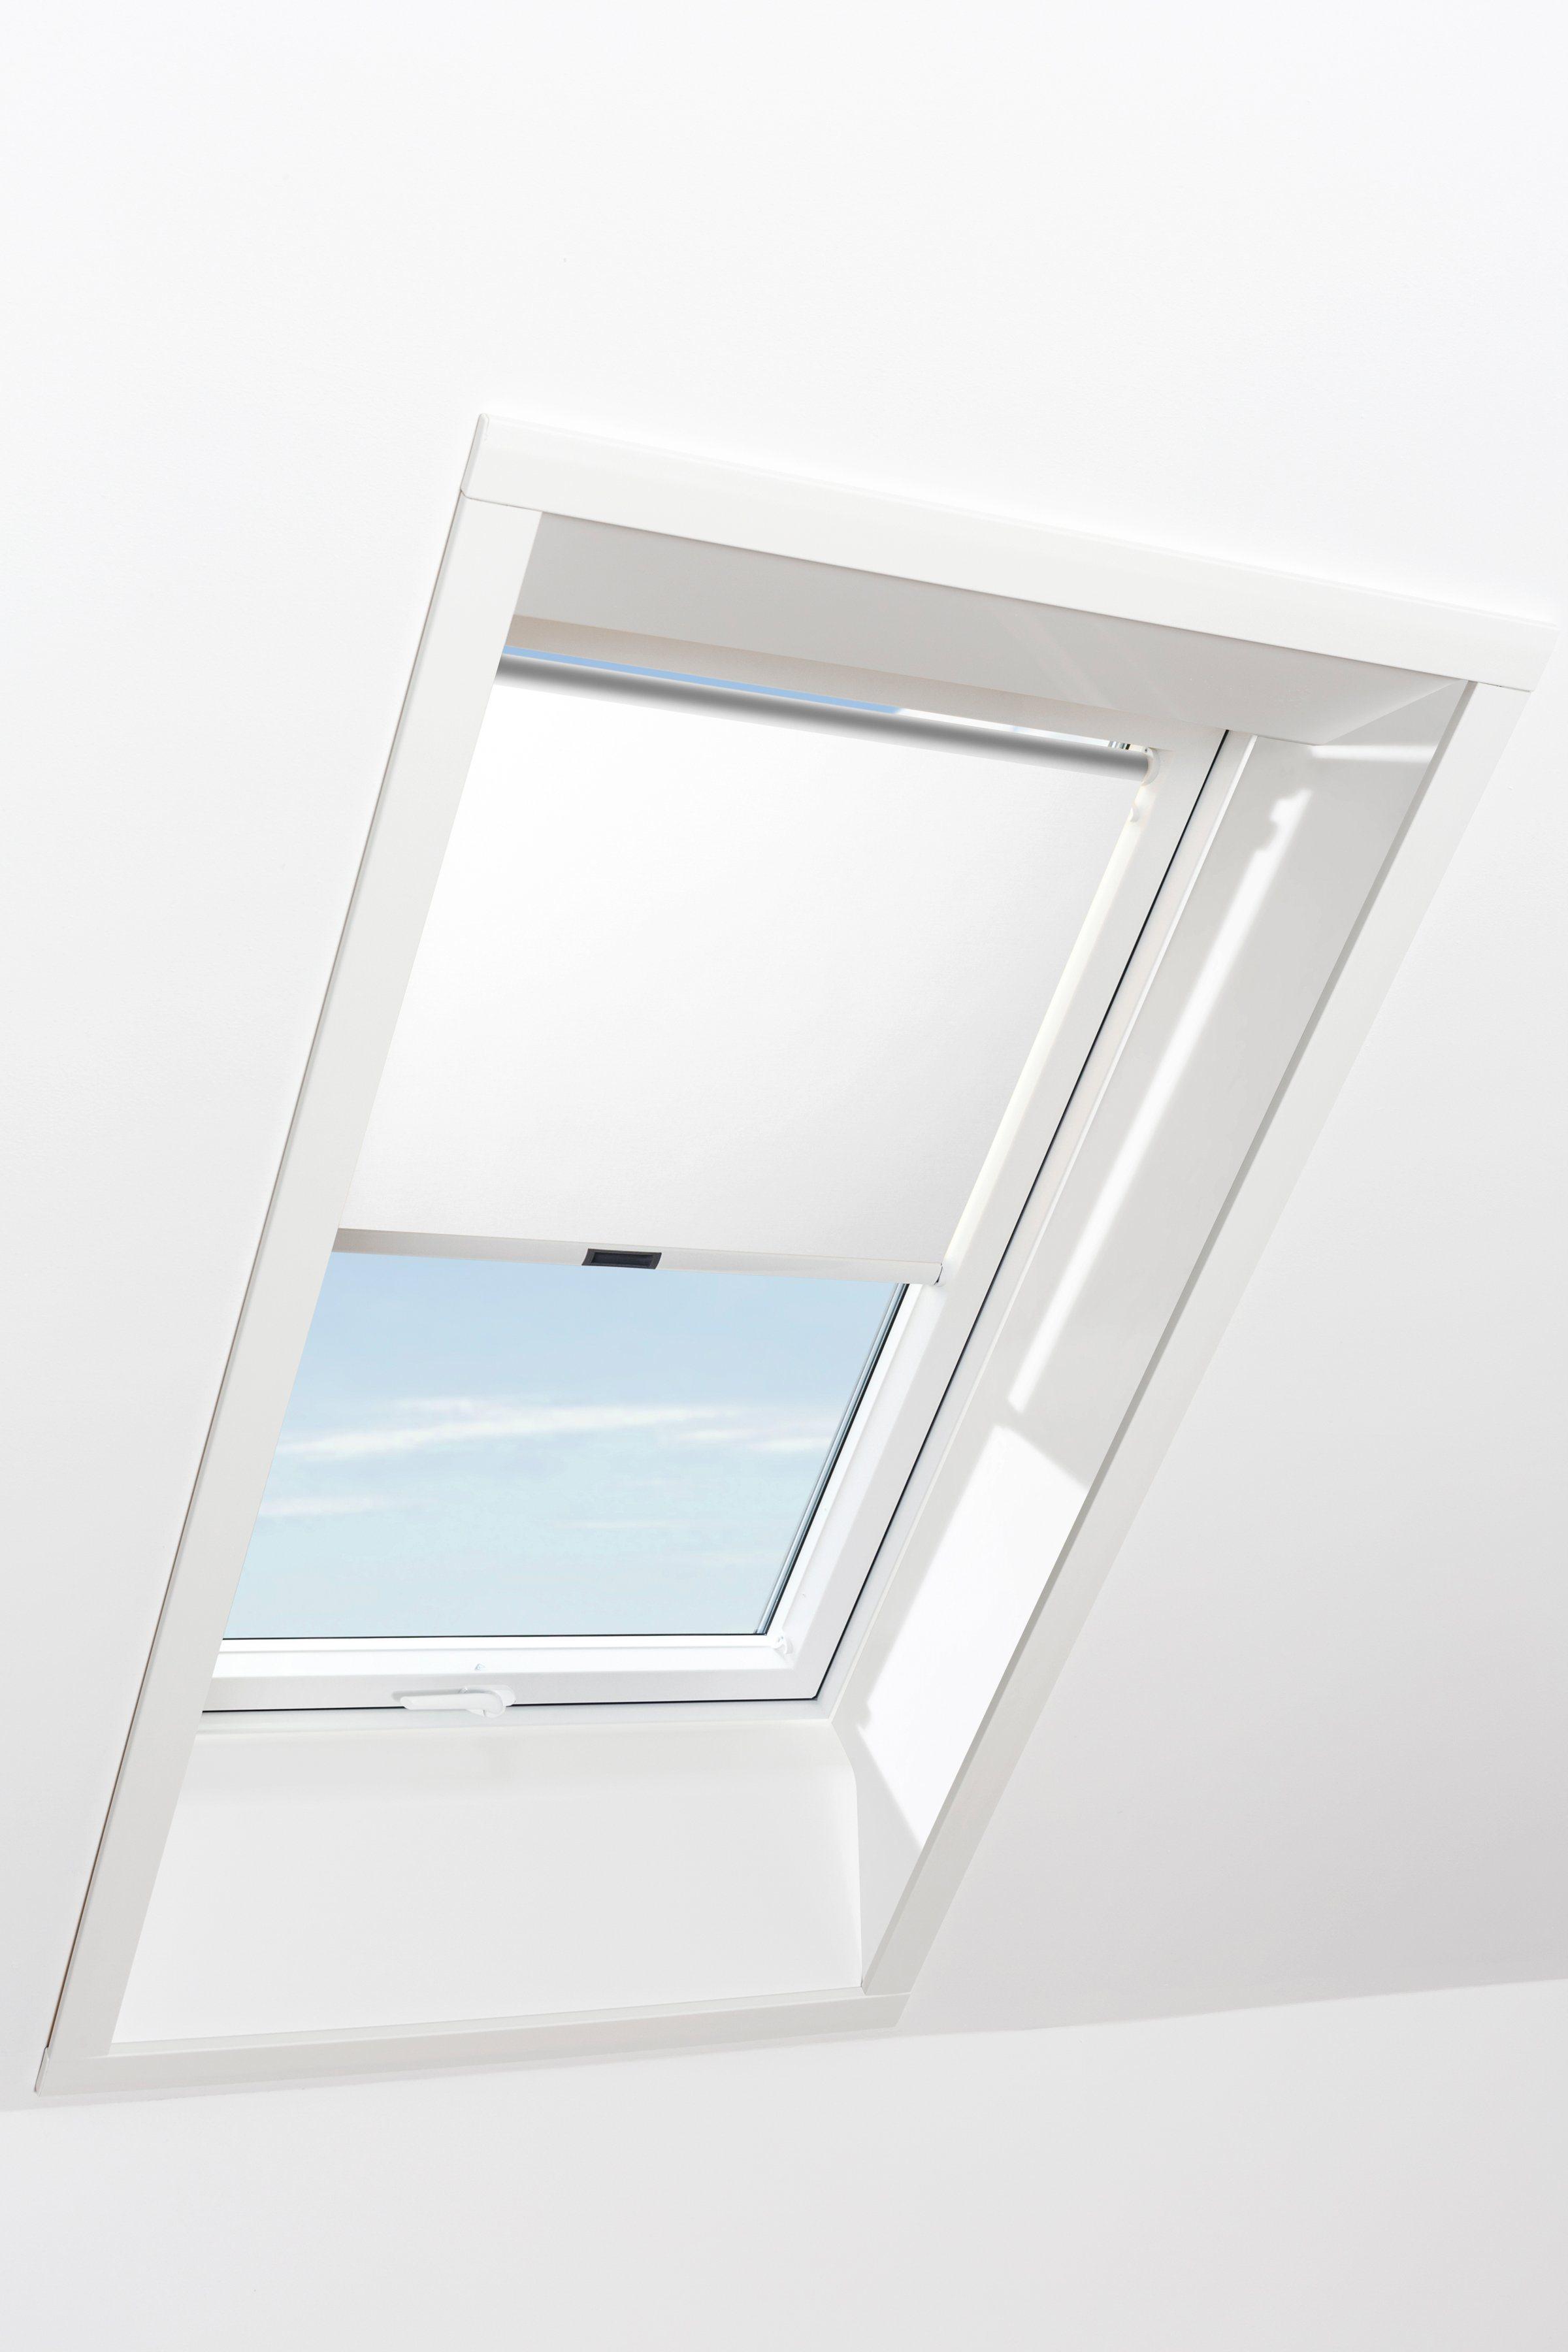 RORO Sichtschutzrollo »Typ SIRW1111«, BxL: 114x118 cm, weiß | Garten > Zäune und Sichtschutz | RORO